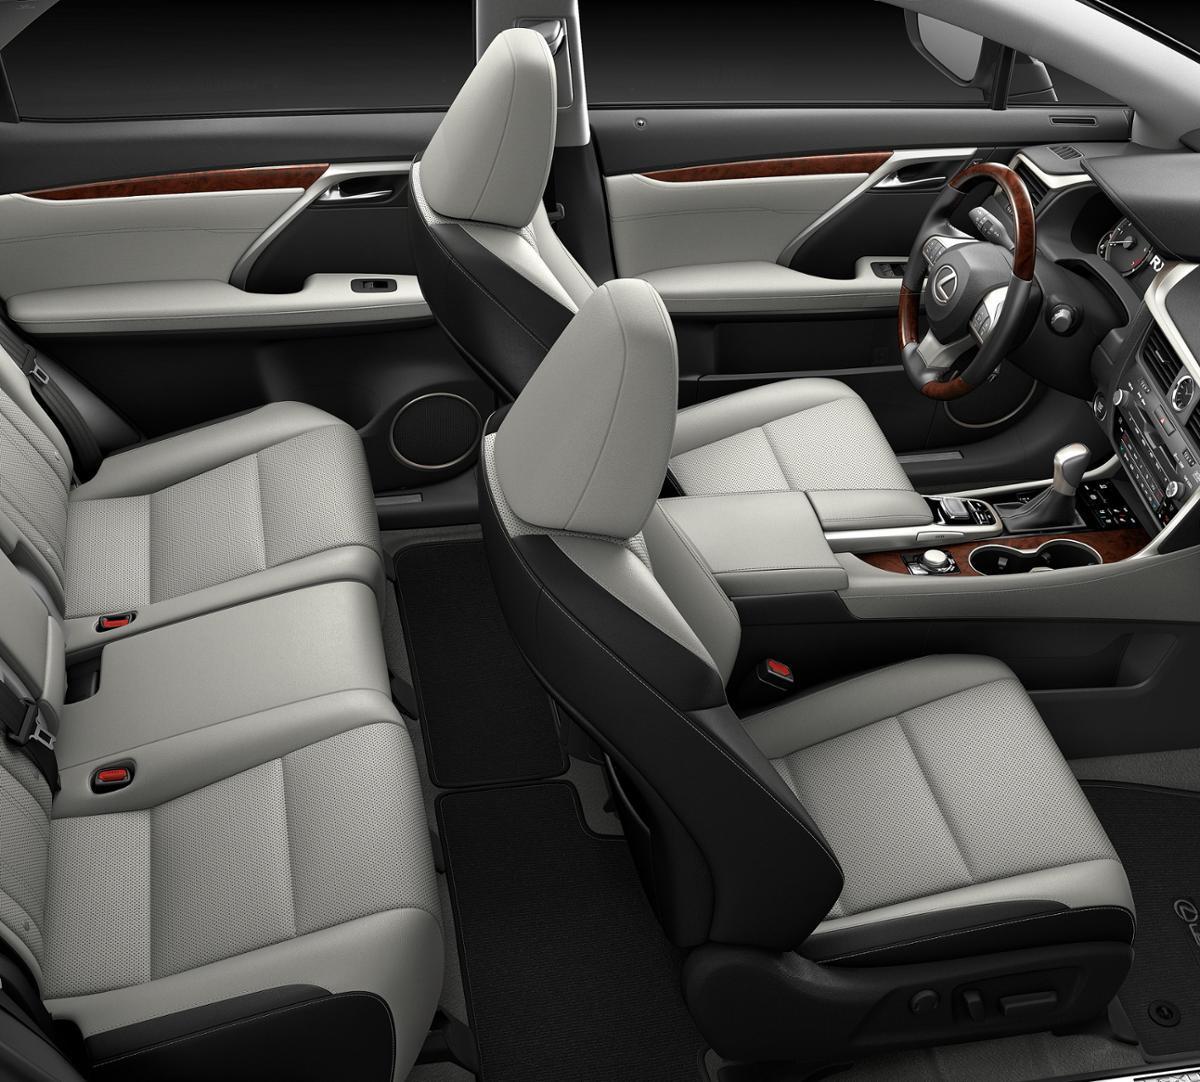 Sewell Lexus Dallas U003eu003e Dallas Certified 2017 Lexus RX 350 Eminent White  Pearl .